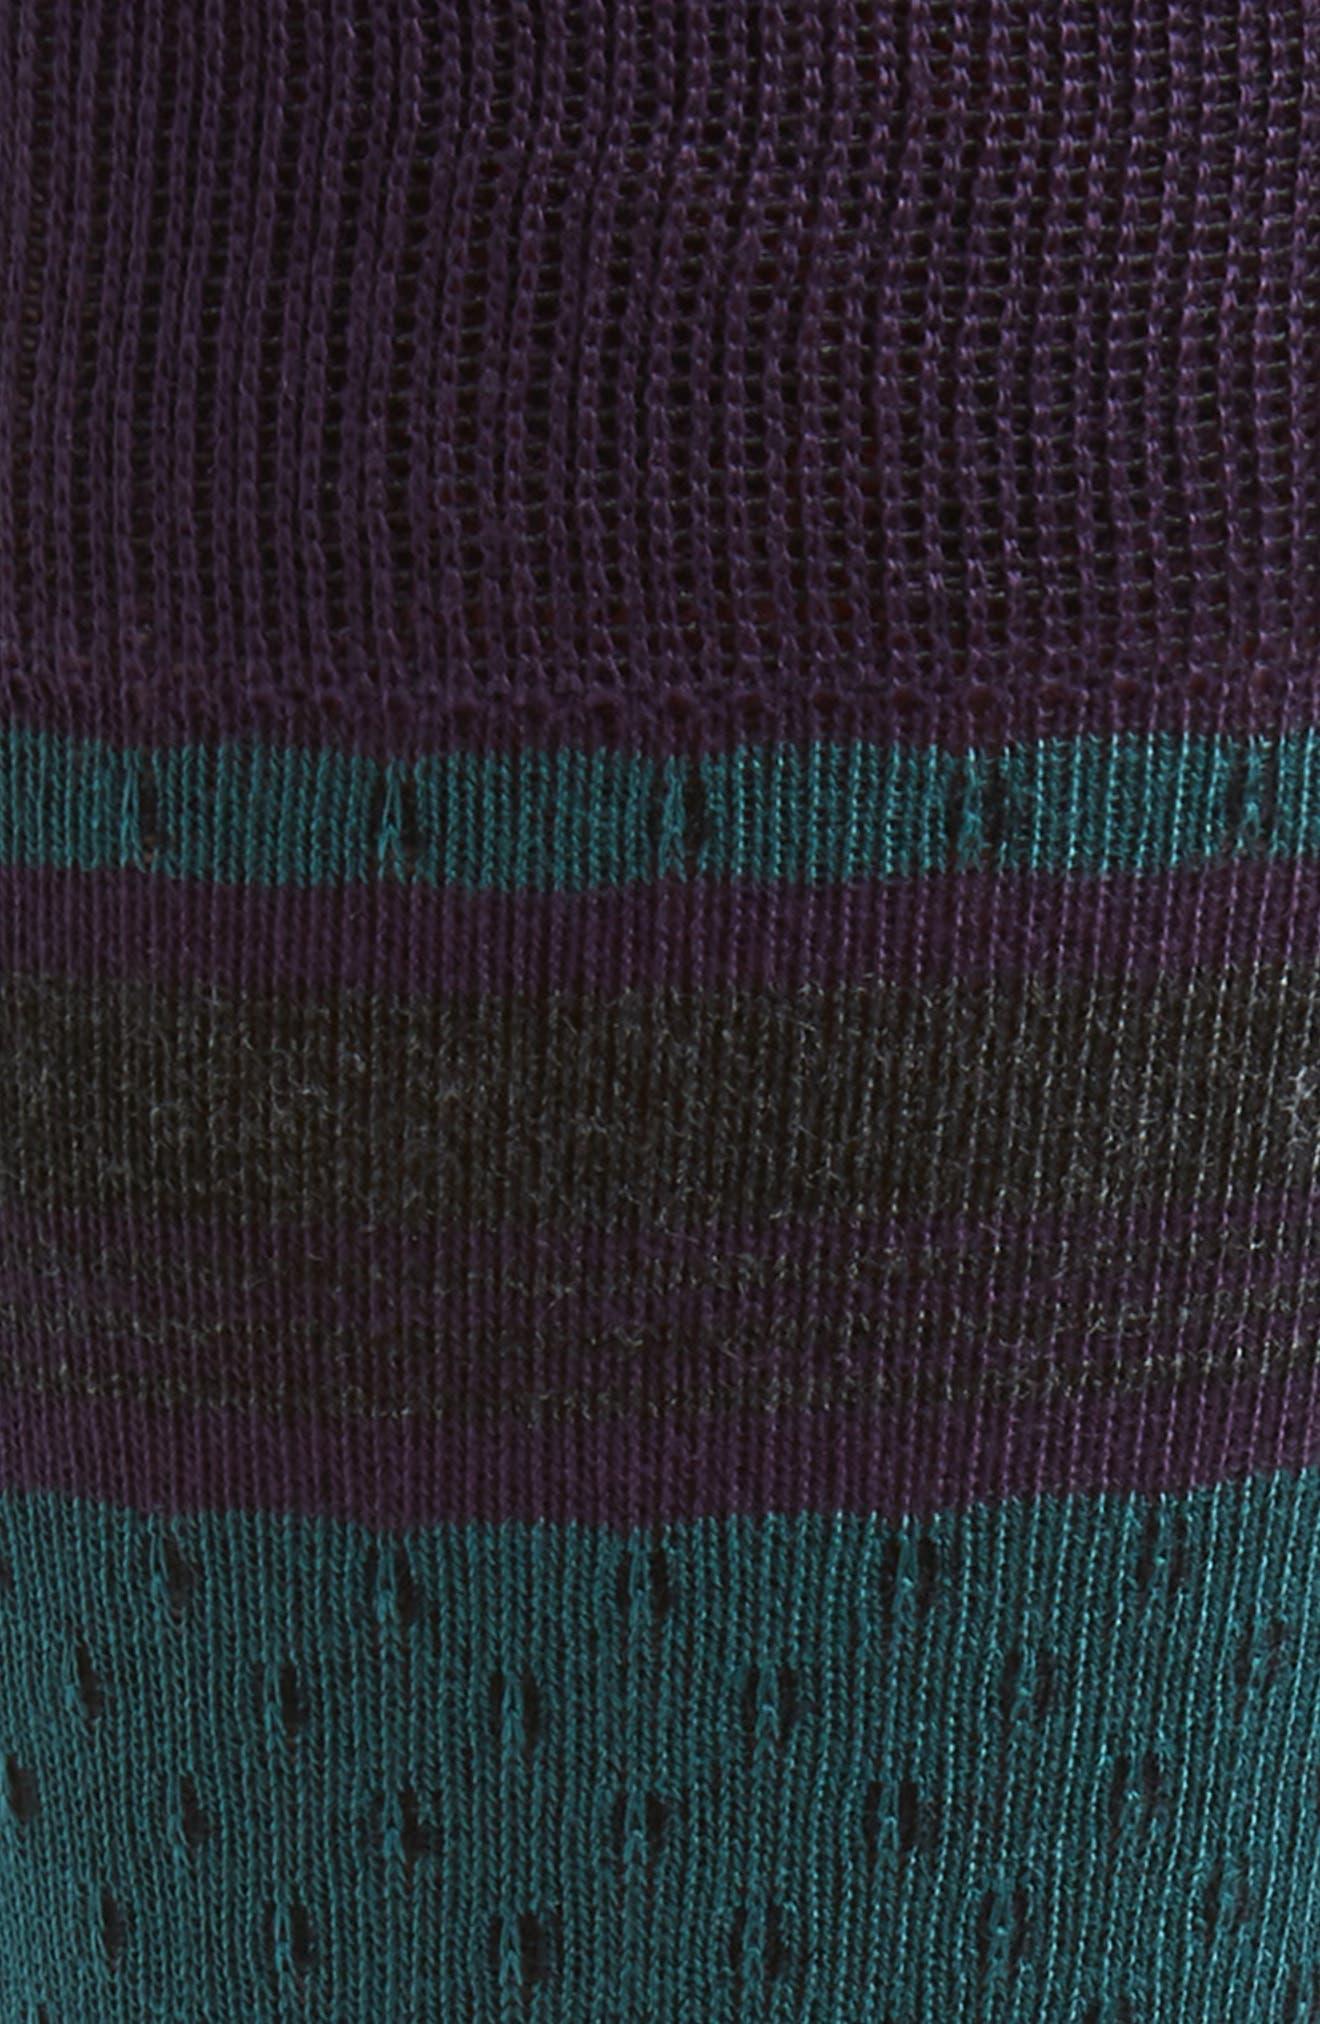 Stripe Socks,                             Alternate thumbnail 2, color,                             PURPLE/ CHARCOAL